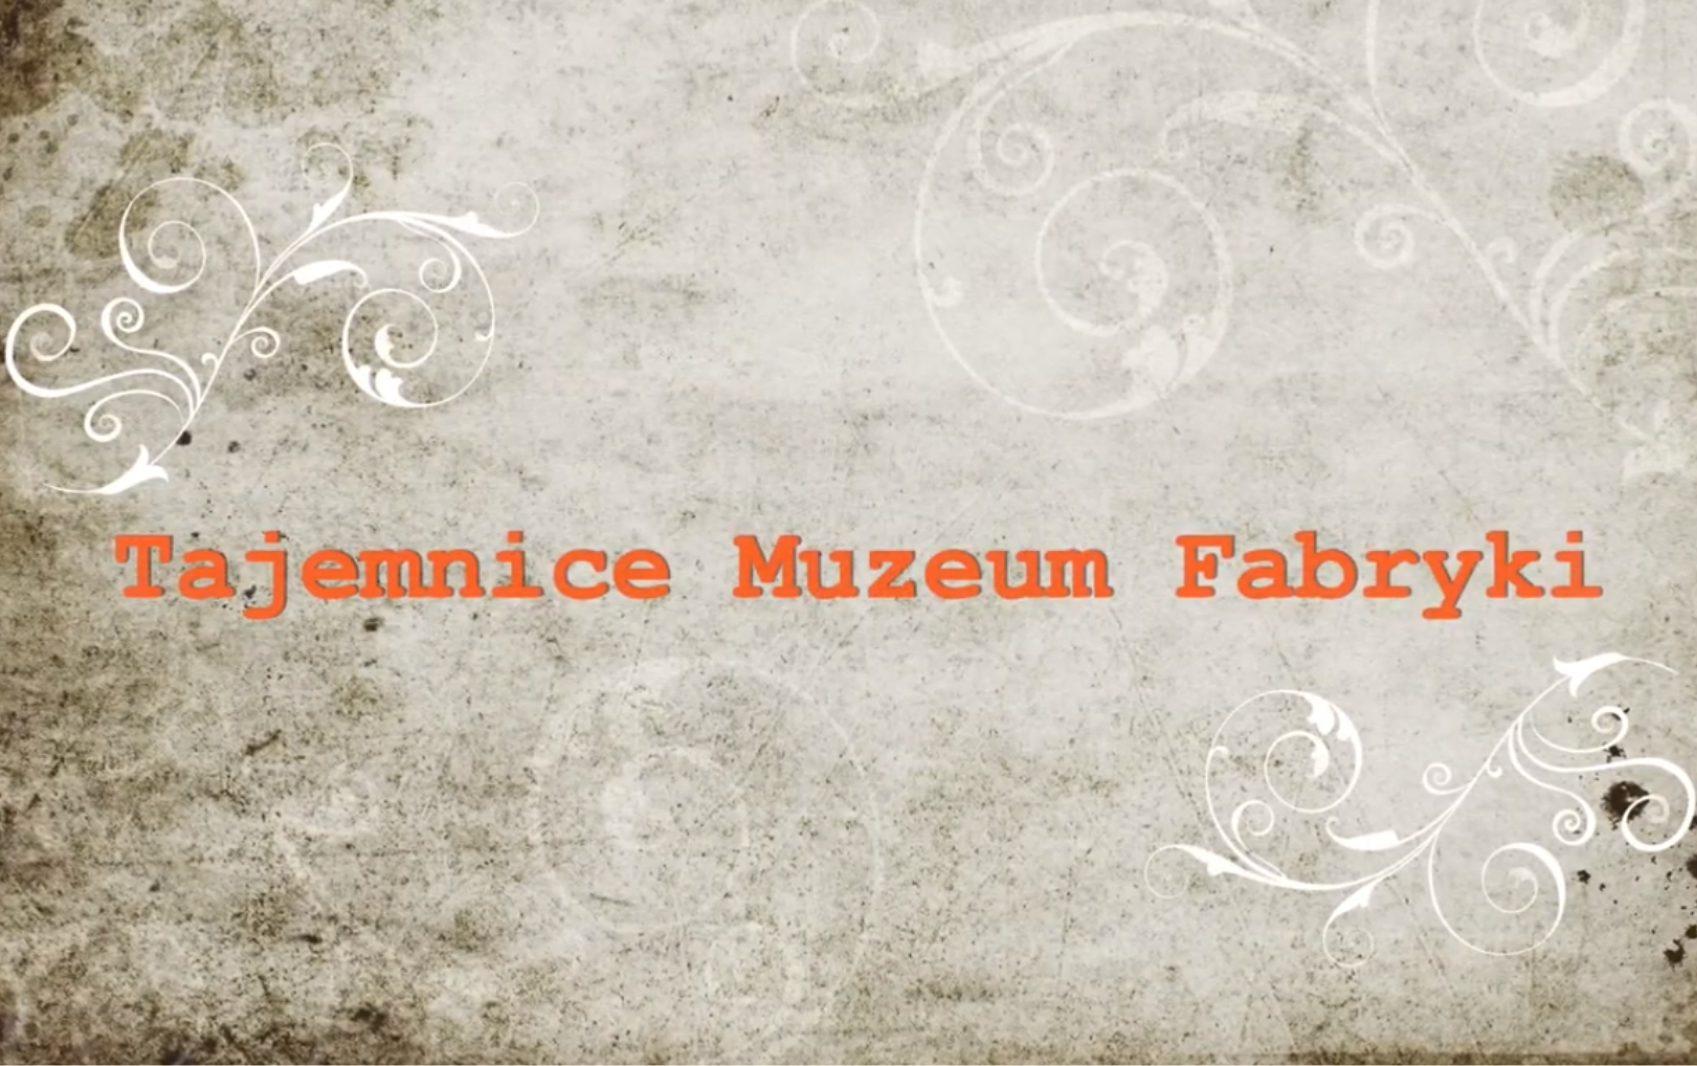 Tajemnice Muzeum Fabryki